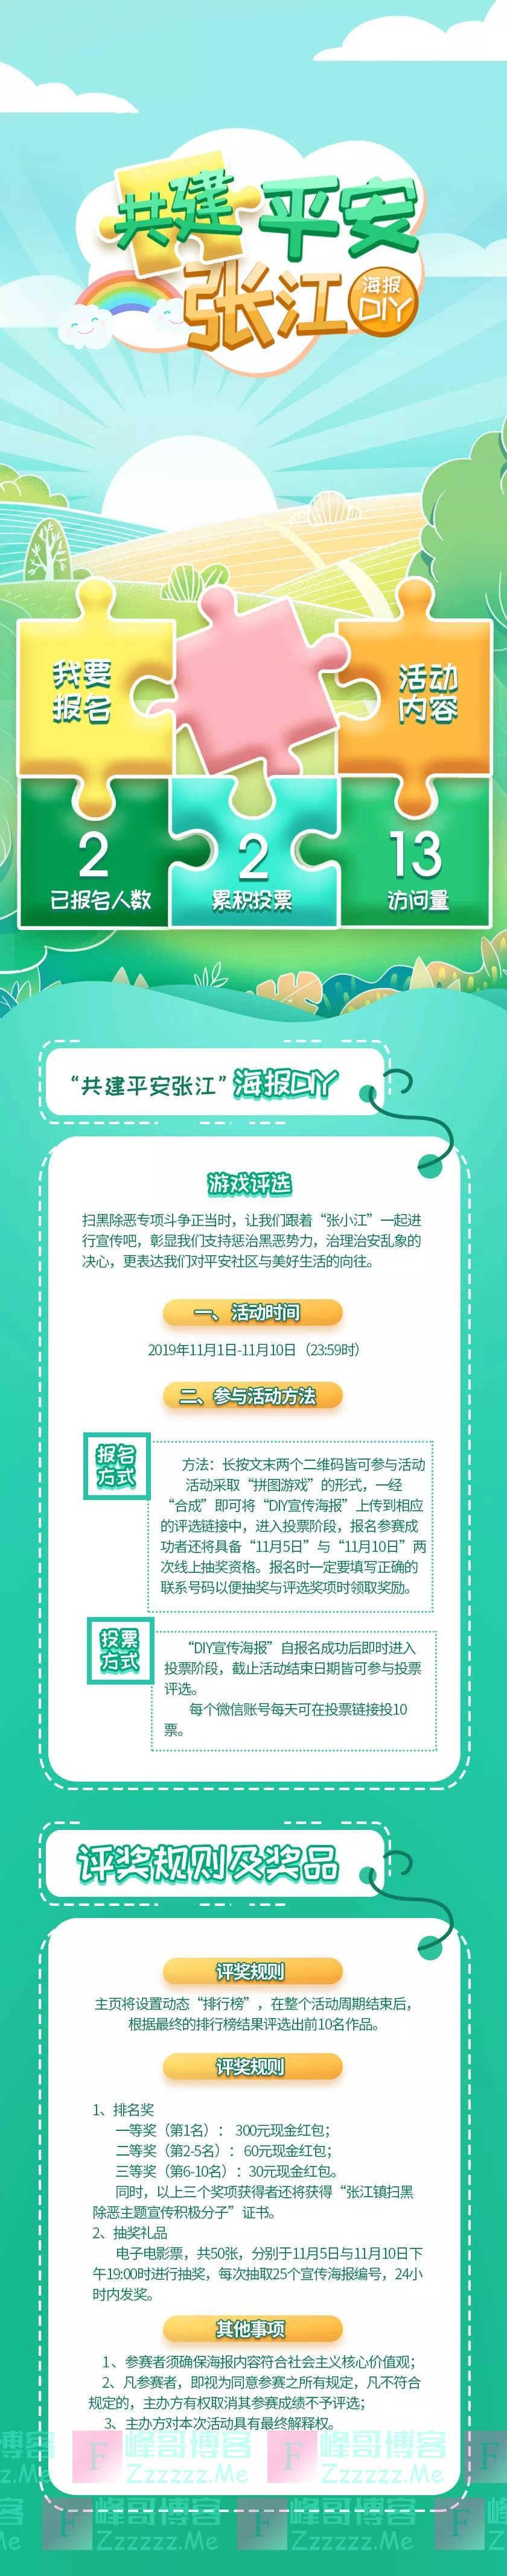 """今日张江""""共建平安张江"""" 海报DIY大赛(11月10日截止)"""